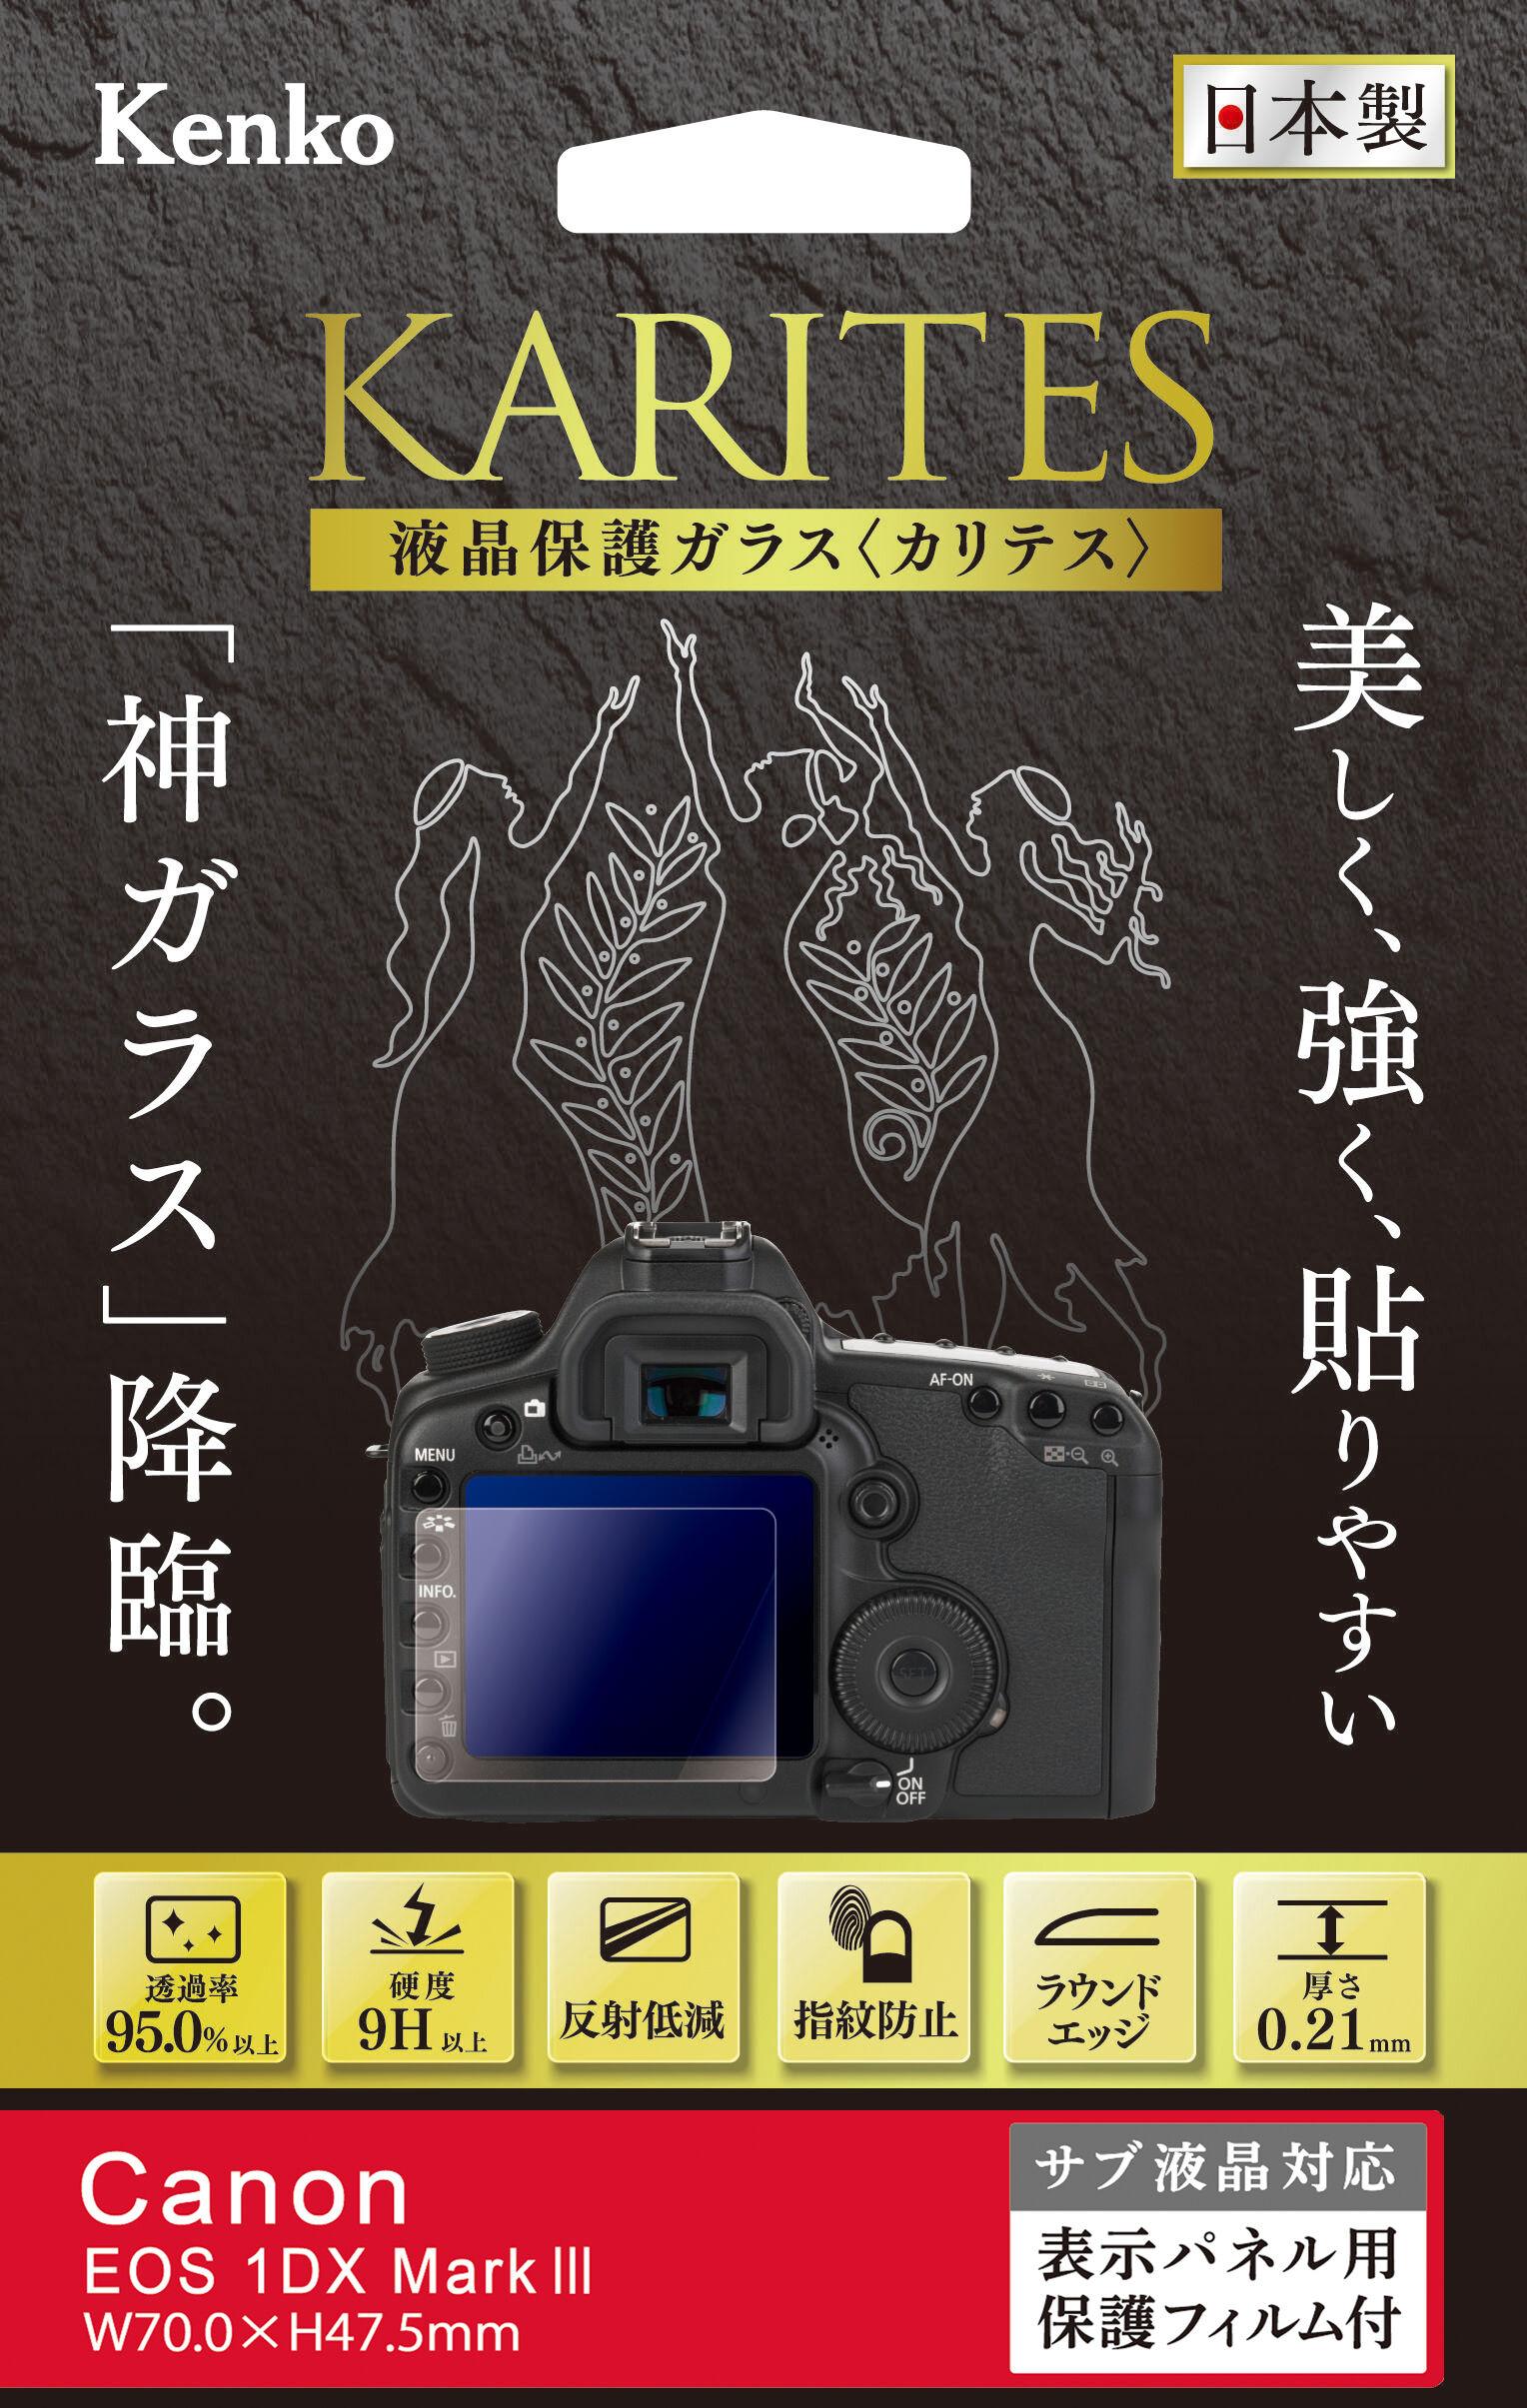 https://www.kenko-tokina.co.jp/imaging/eq/mt-images/4961607879603.jpg